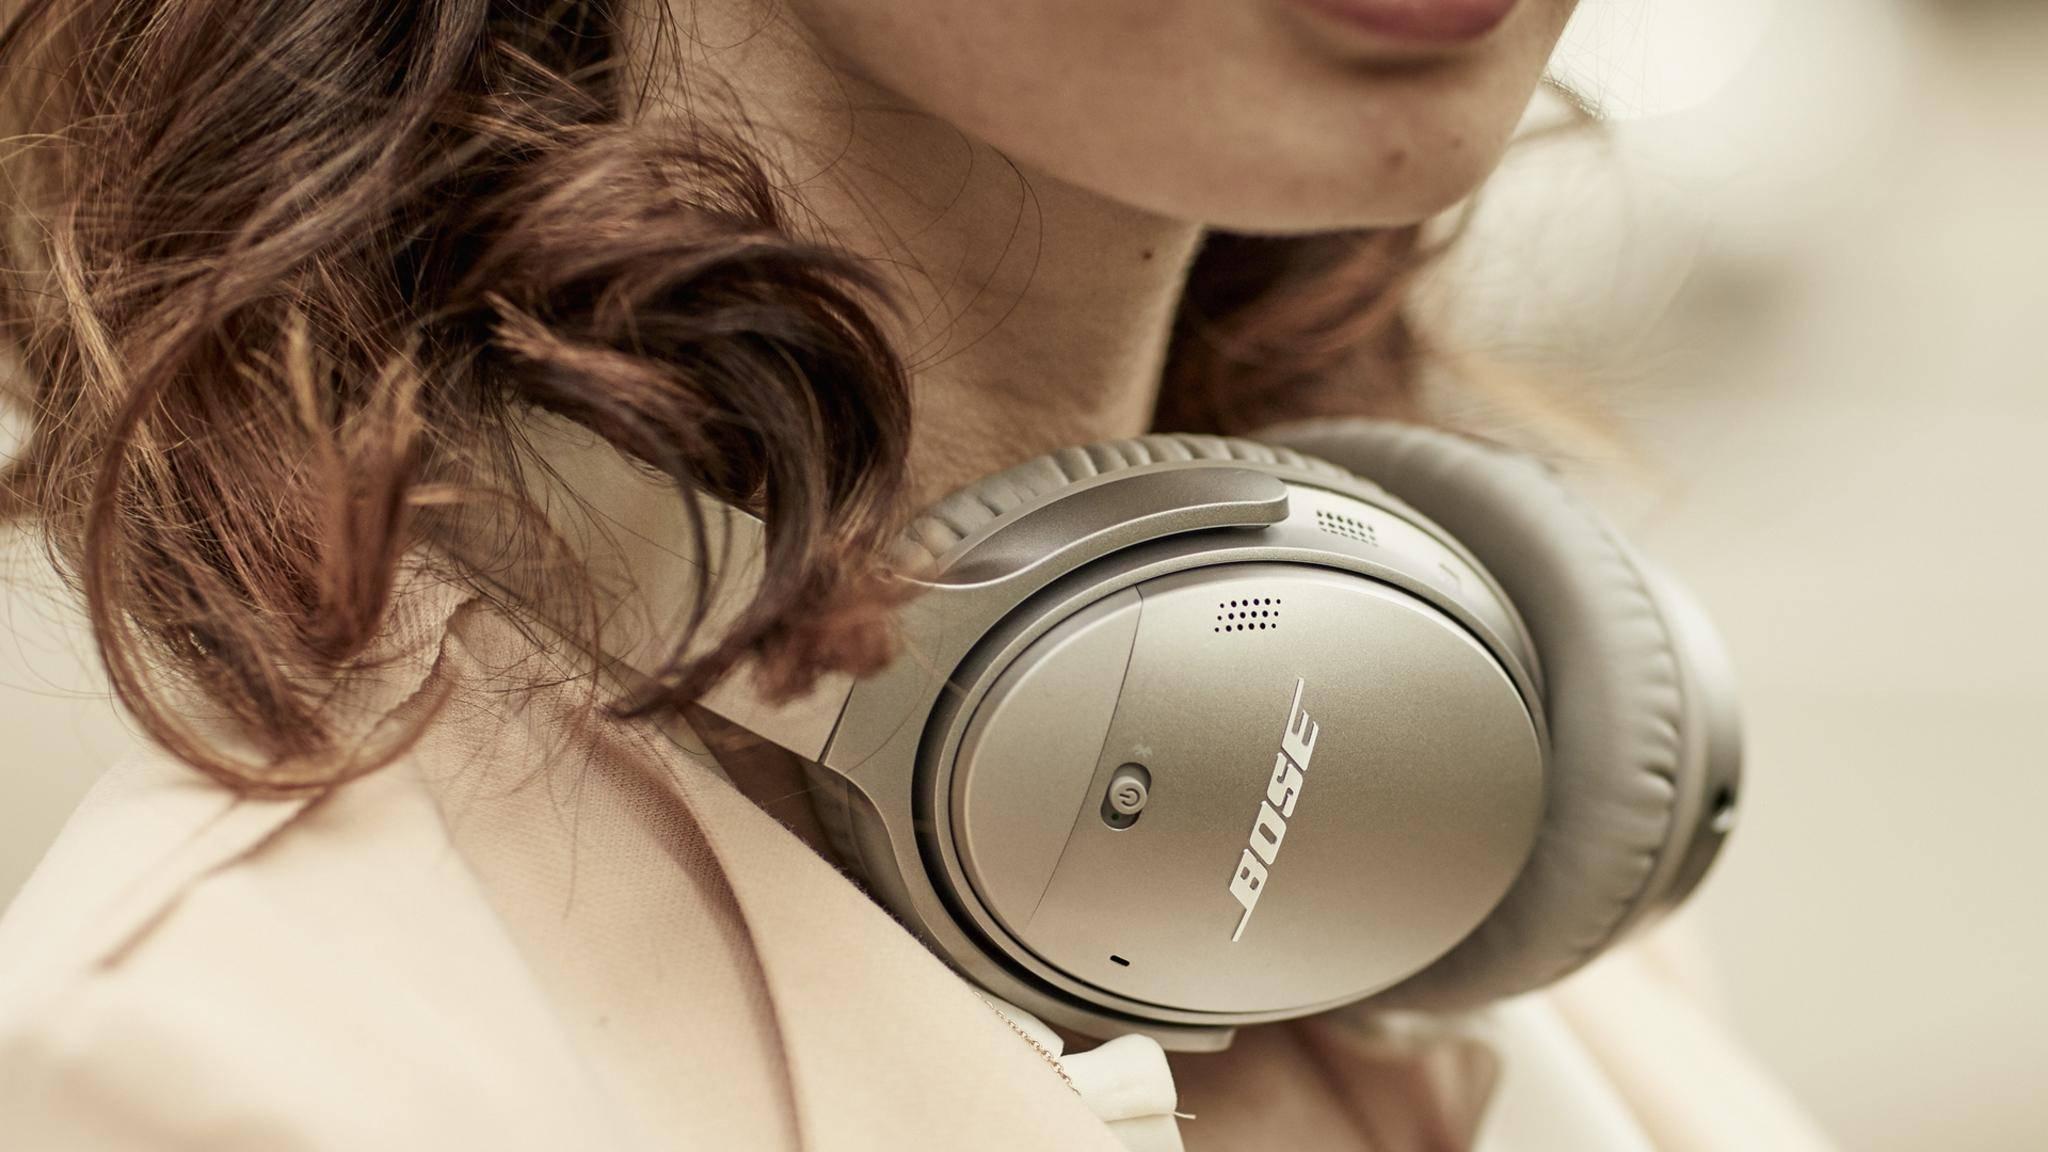 Der Bose QuietComfort 2 zählt zu den empfehlenswerten Bluetooth-Kopfhörern.